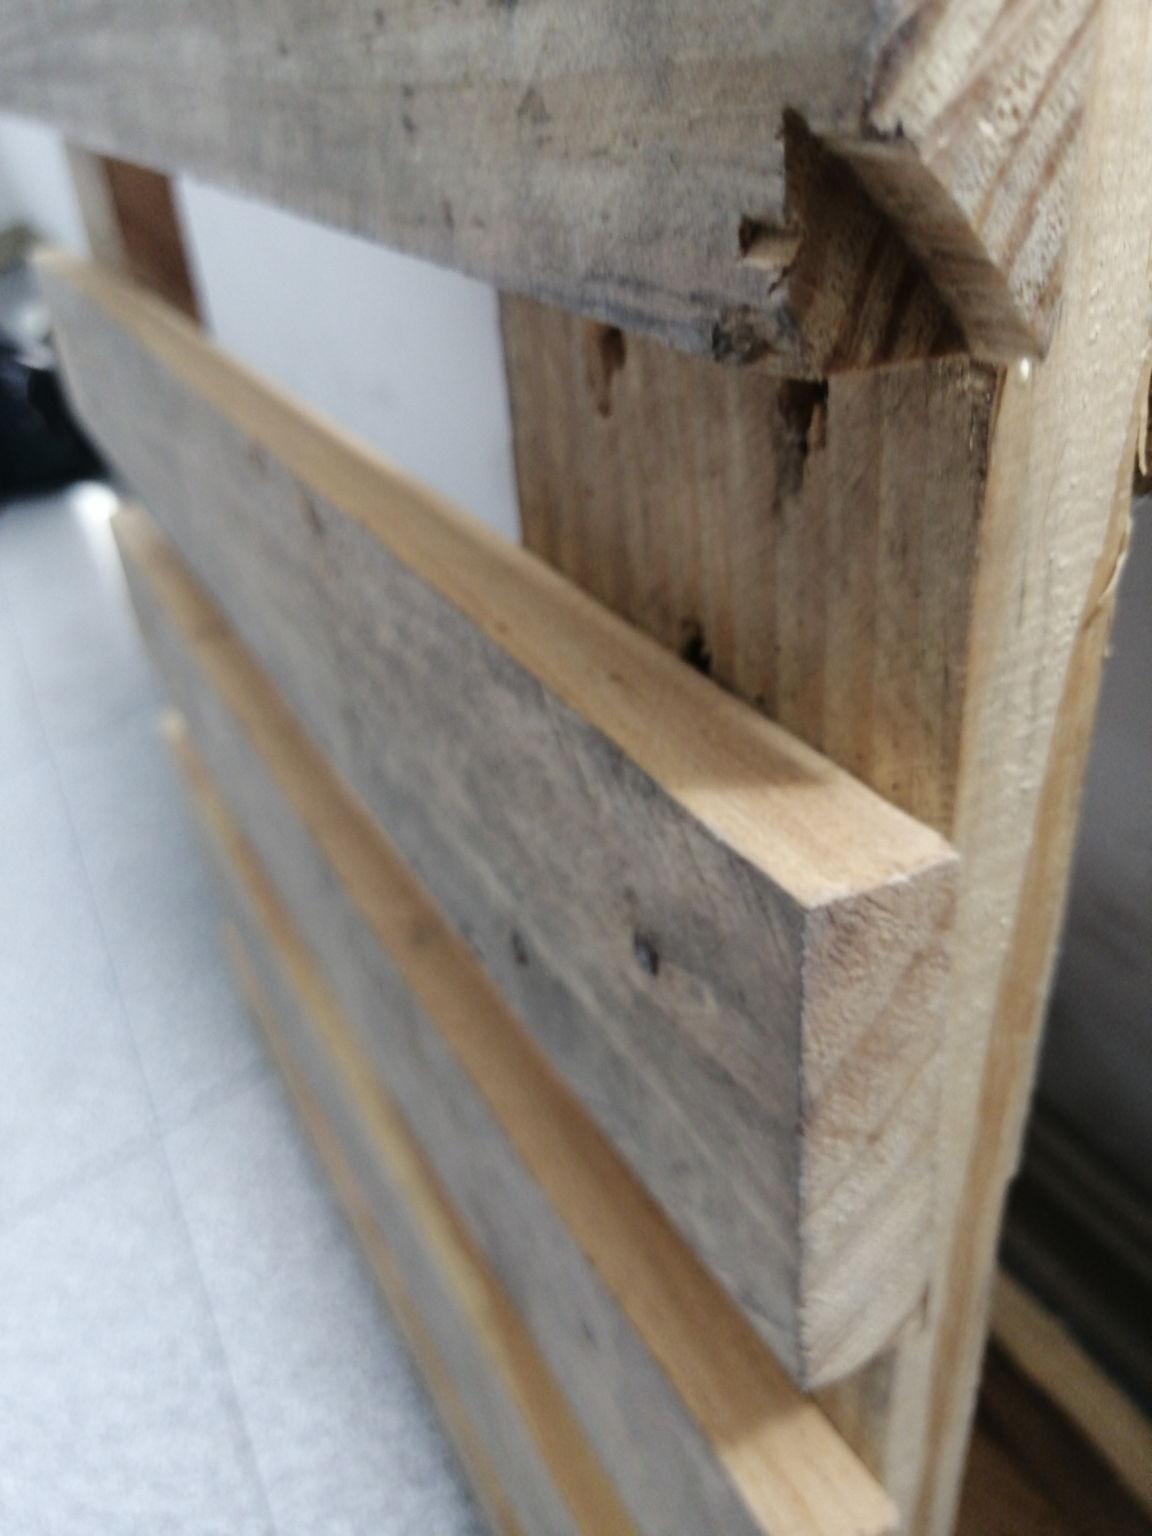 宣城?,✥№㍟━﹕?质木质托盘厂我们常常认为木质托盘是在用木材